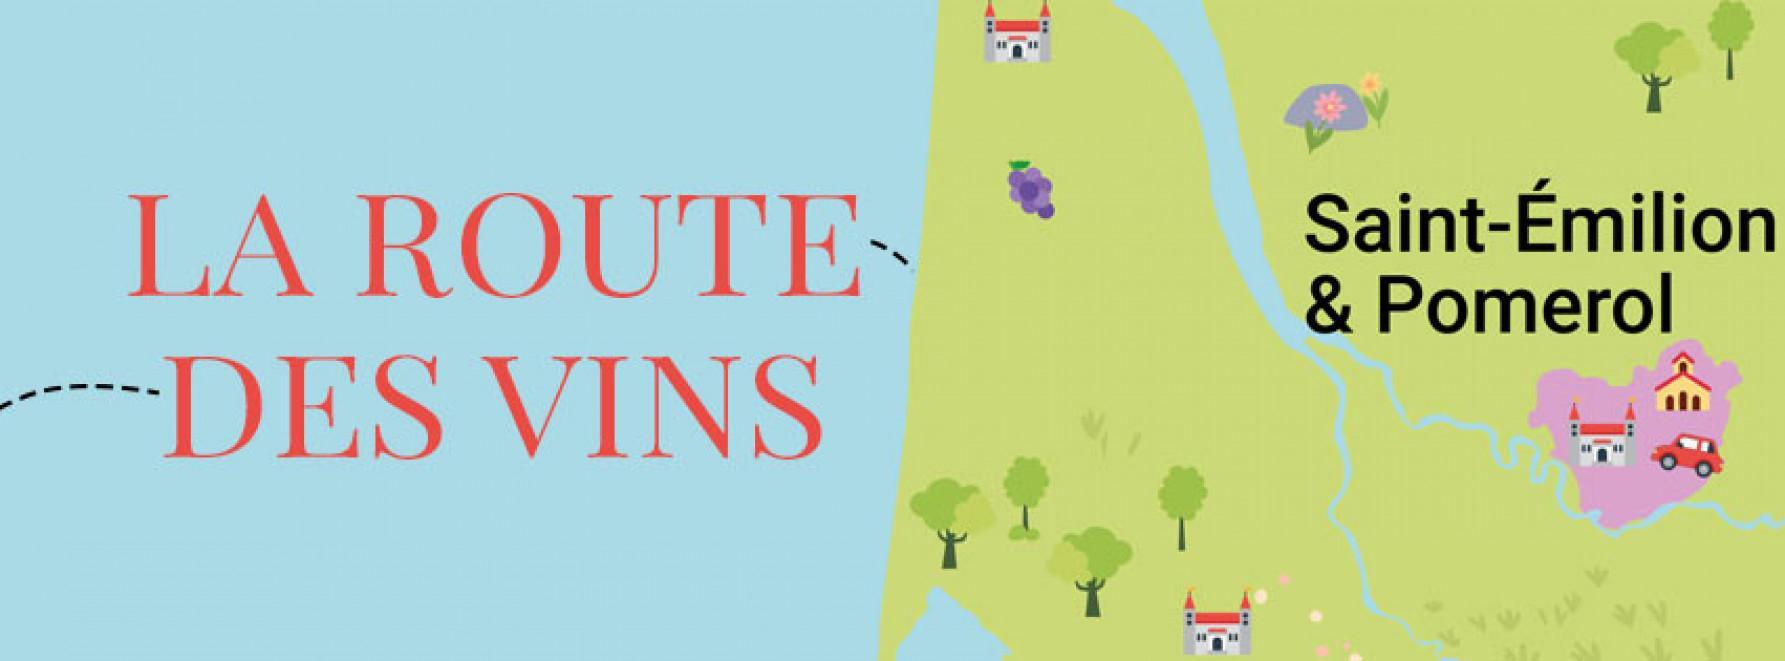 La route des vins : direction Pomerol et Saint-Émilion